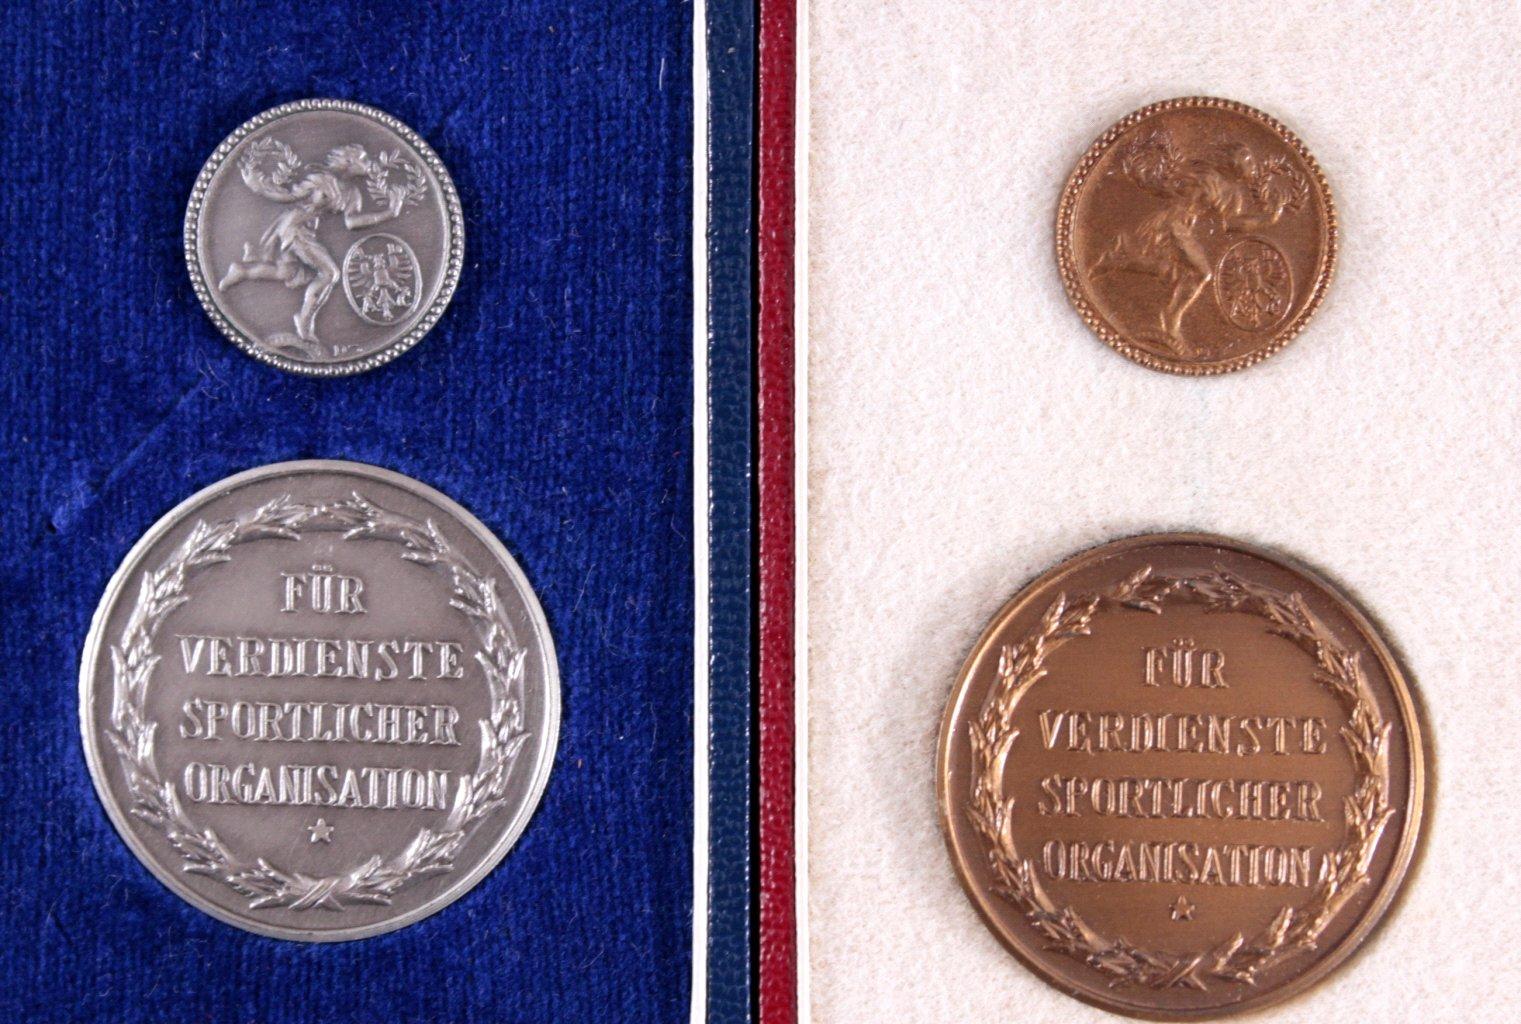 ADAC Verdienstmedaille und Ehrennadel im Etui-1